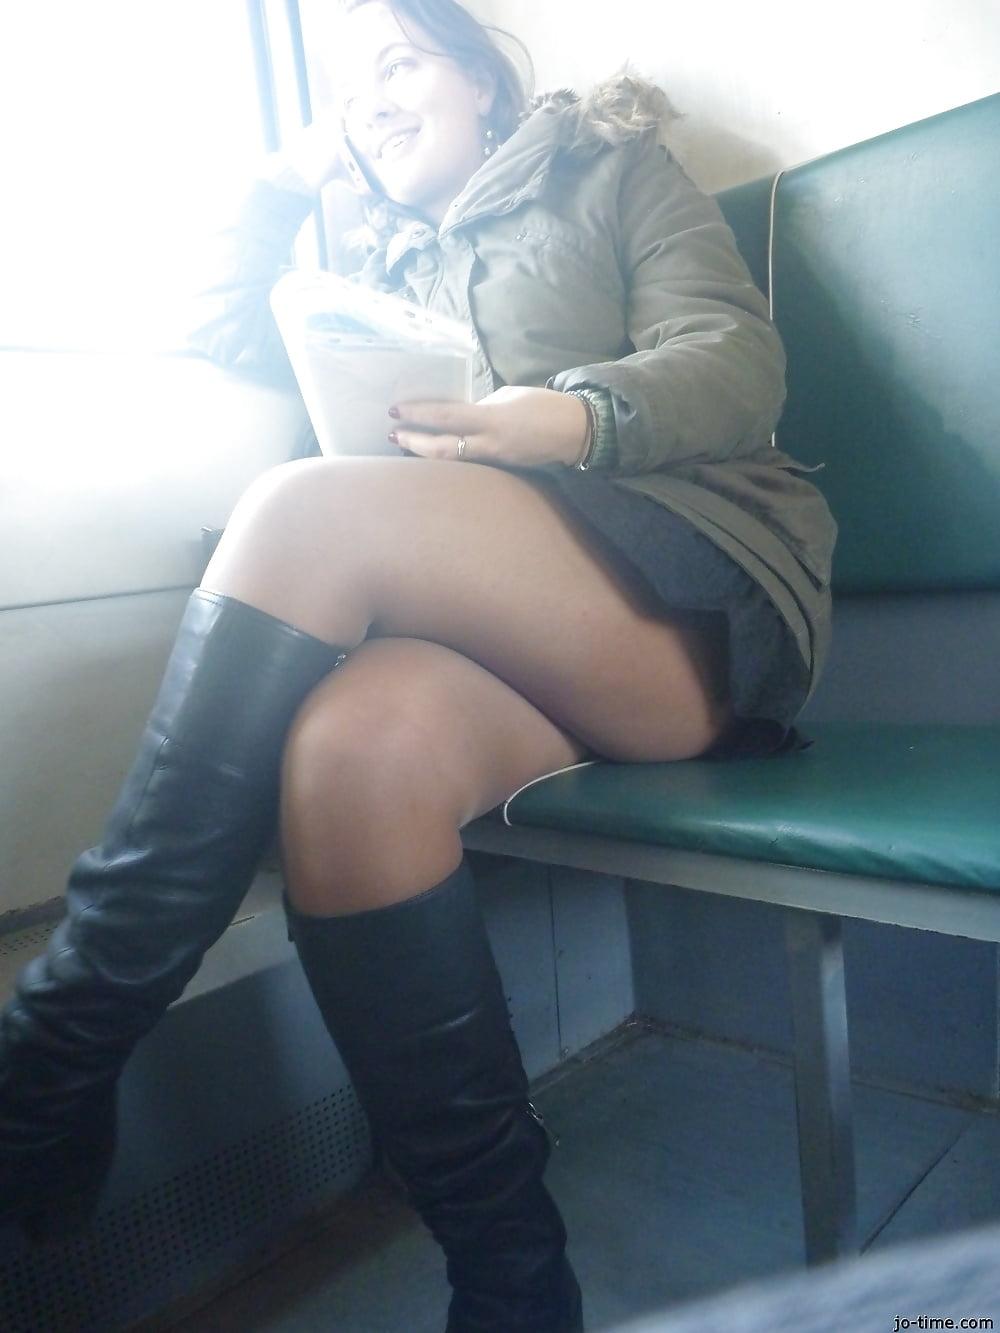 Под юбкой в колготках в транспорте #11